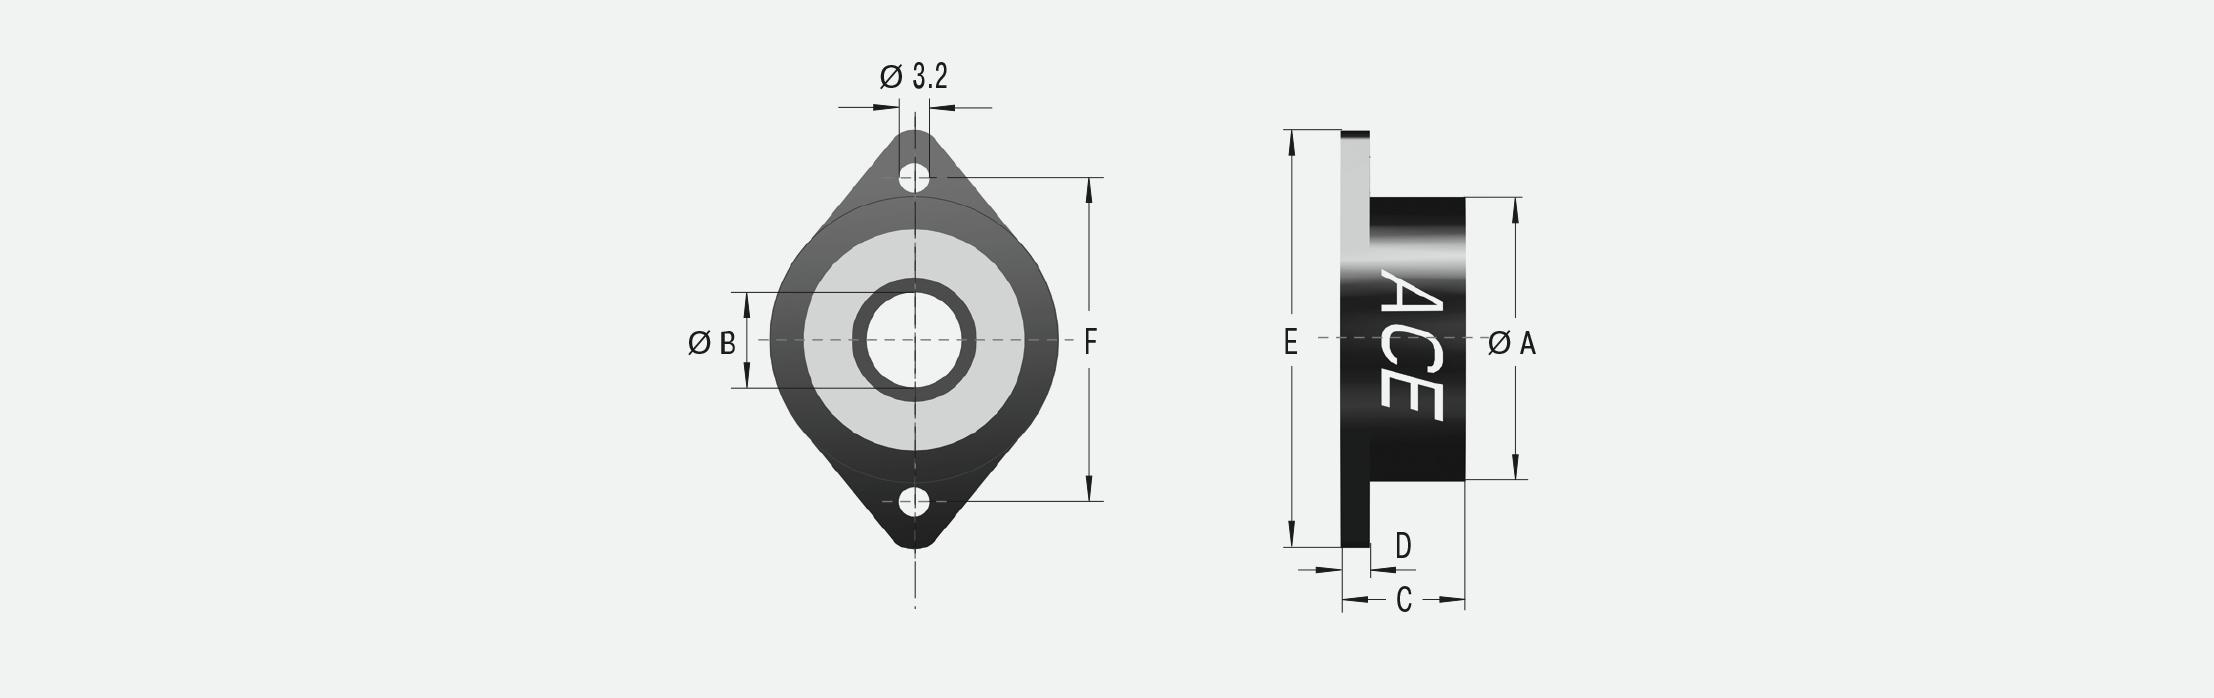 FFD-25FS-R102